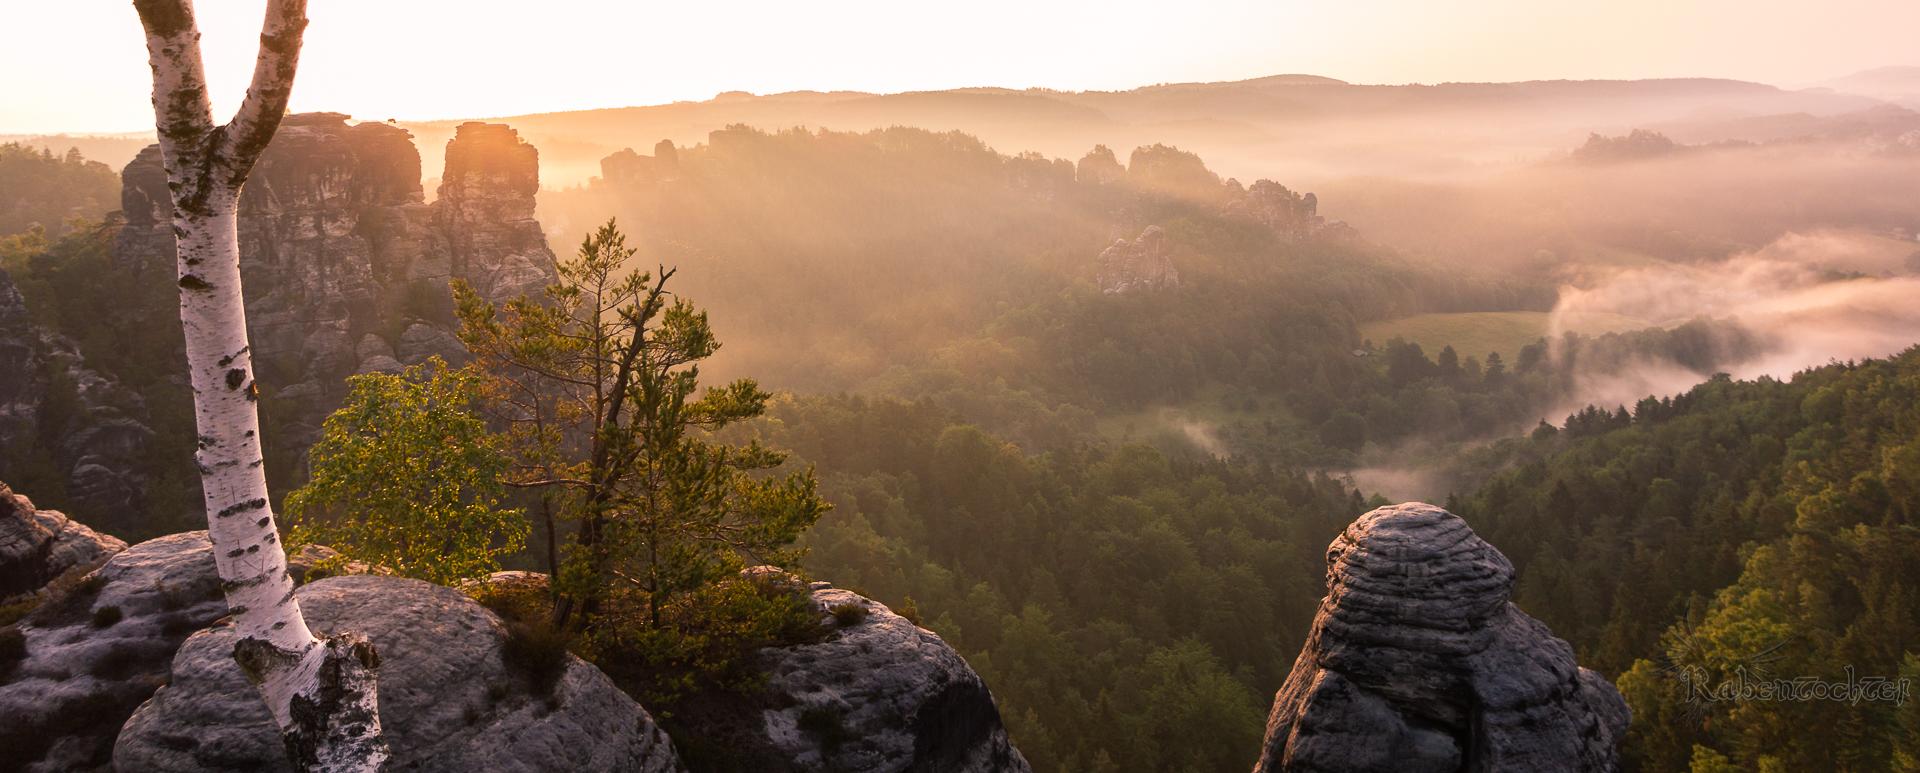 Bastei in Elbsandsteingebirge, Germany